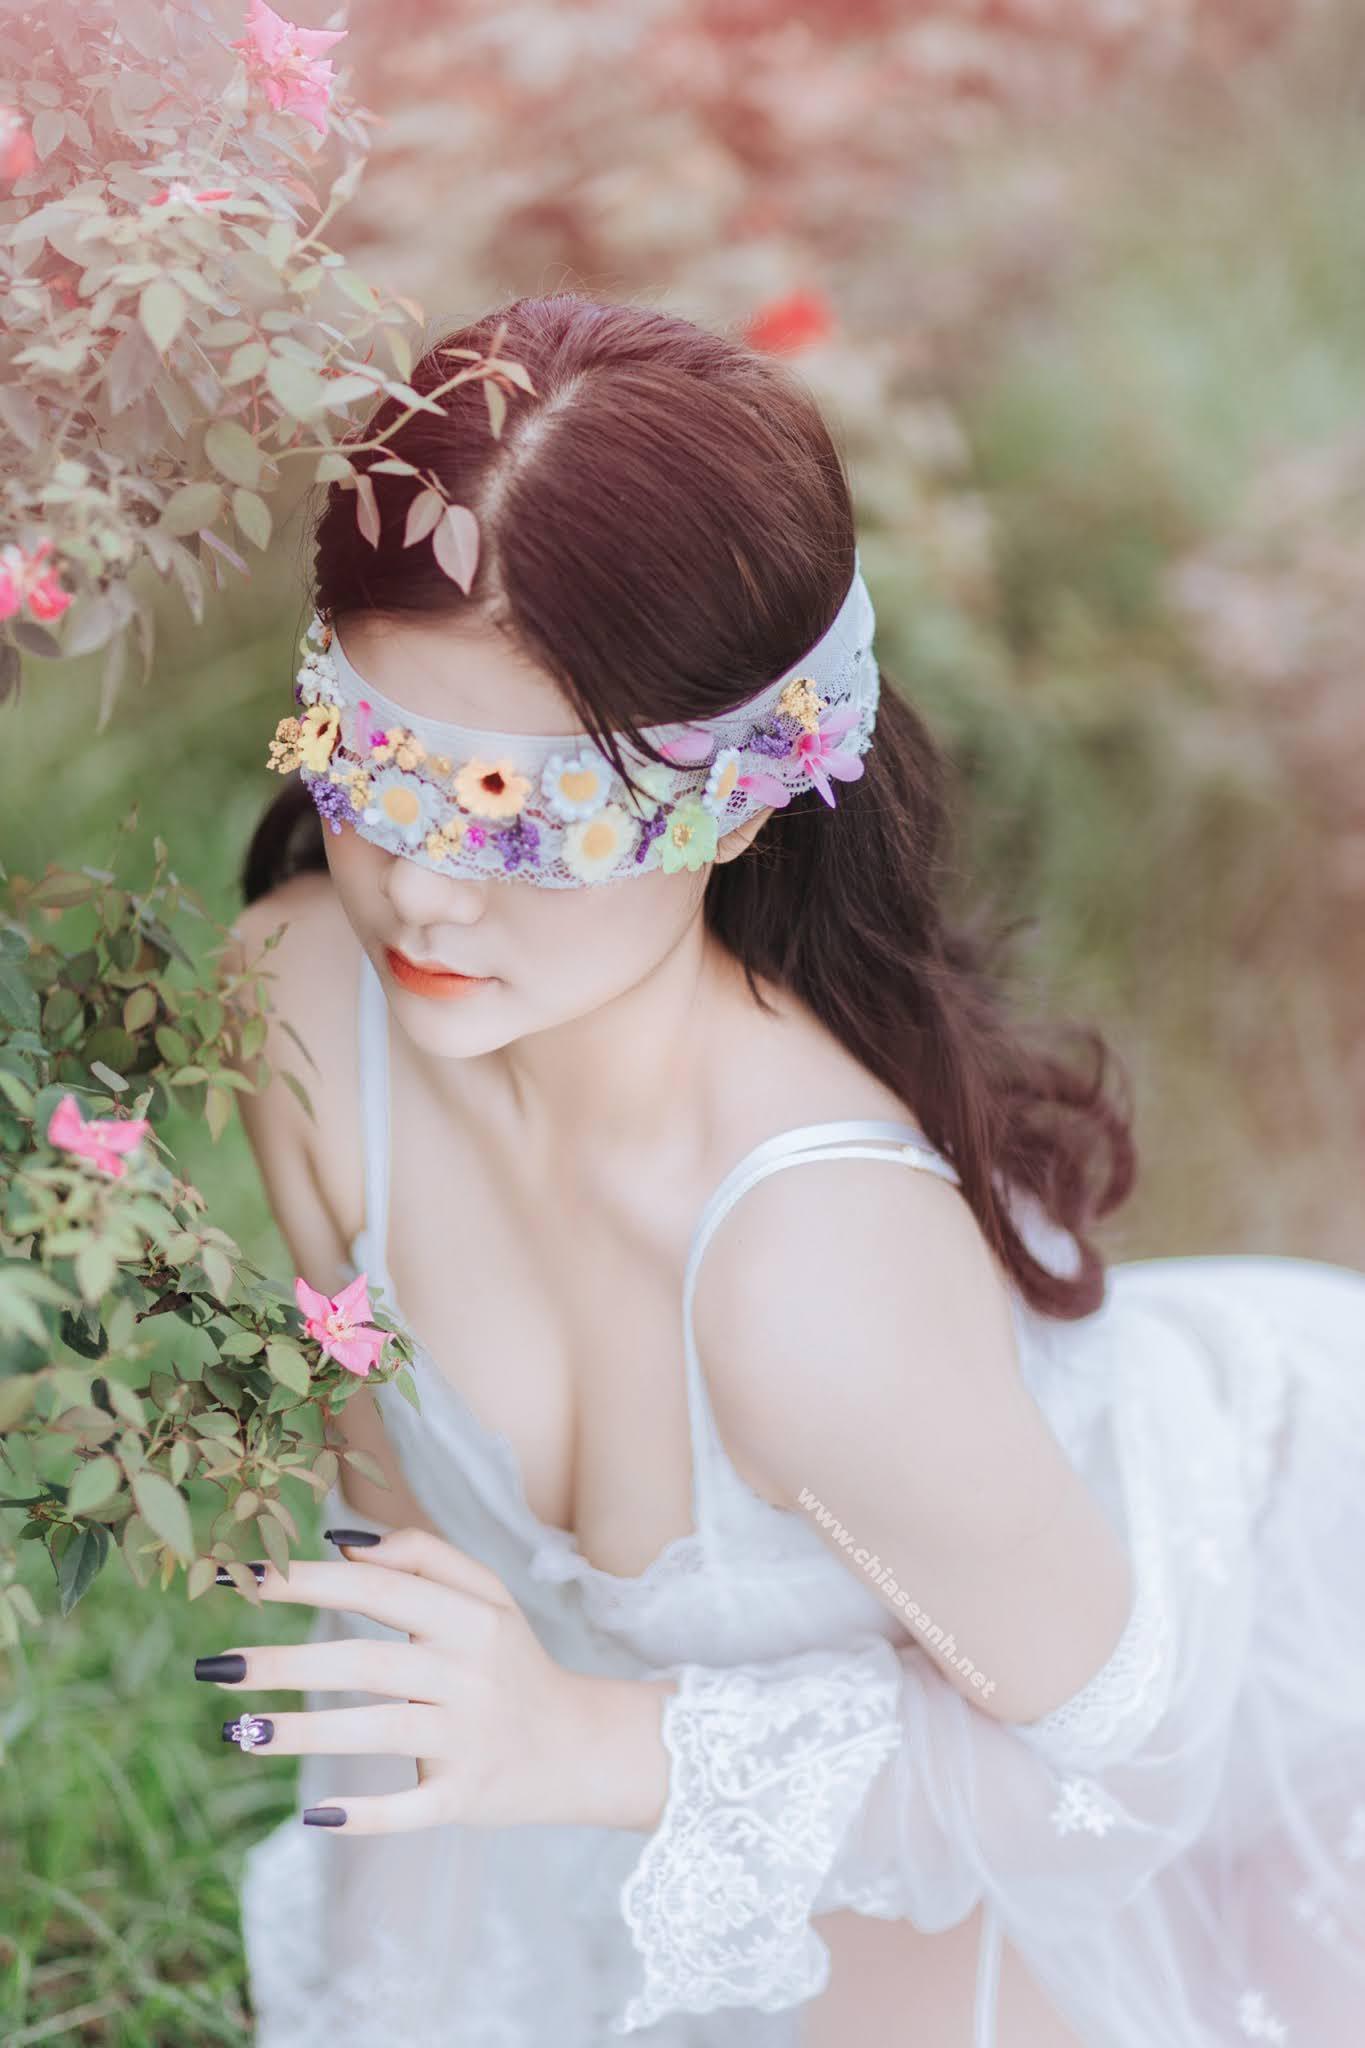 Nụ cười toả nắng khiến bao chàng trai, cô gái 'gục ngã' trước vẻ đẹp tựa nàng thơ - Lê Phương Thảo